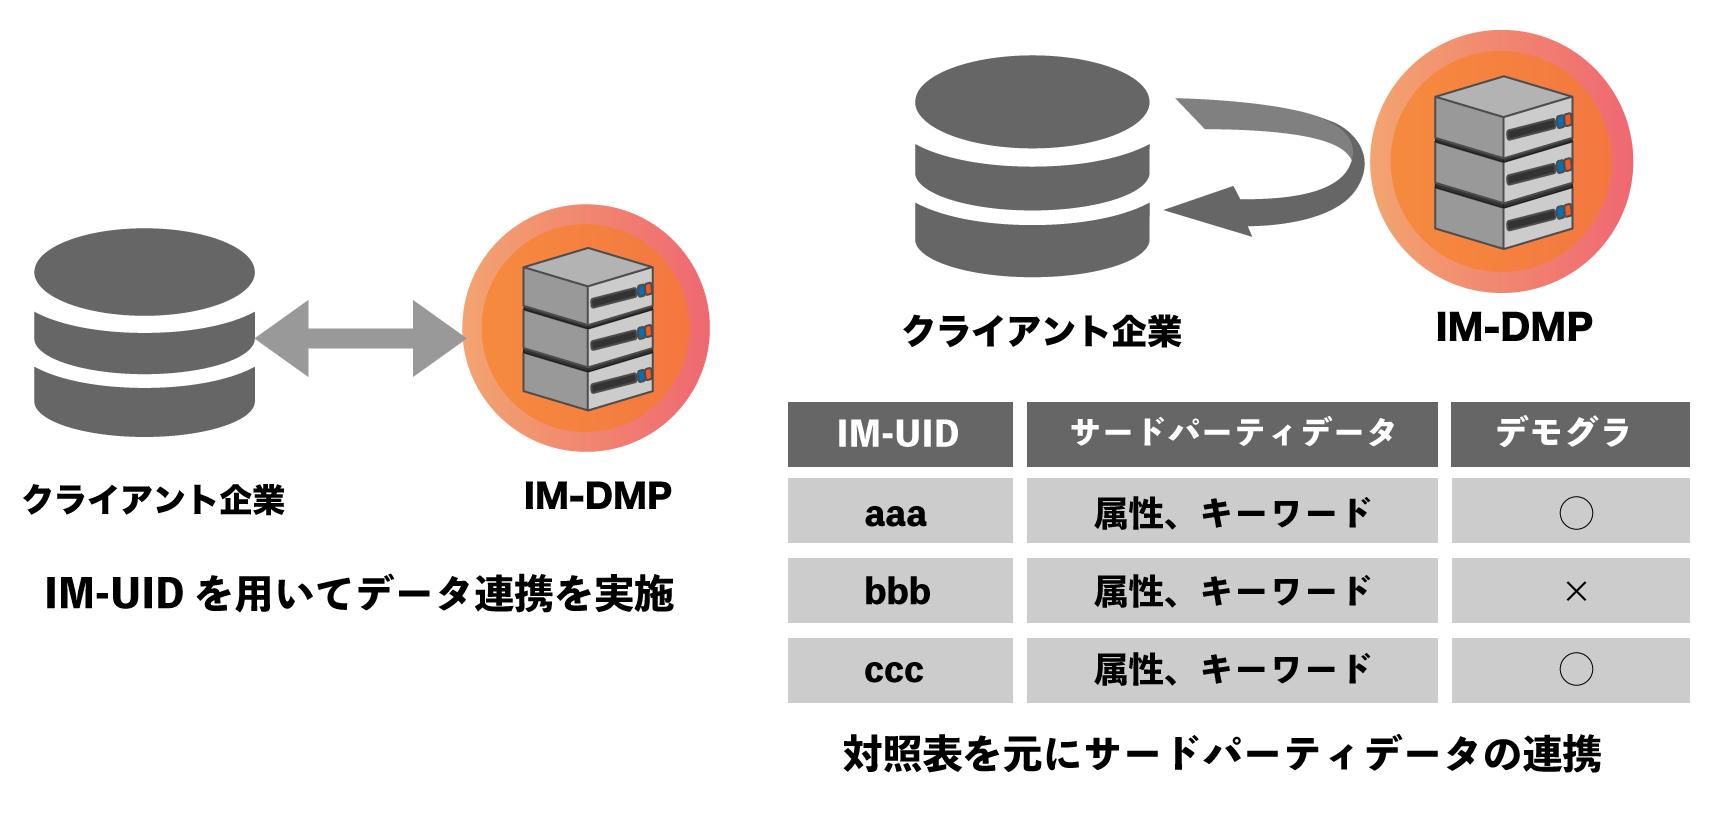 IM Universal Identifier